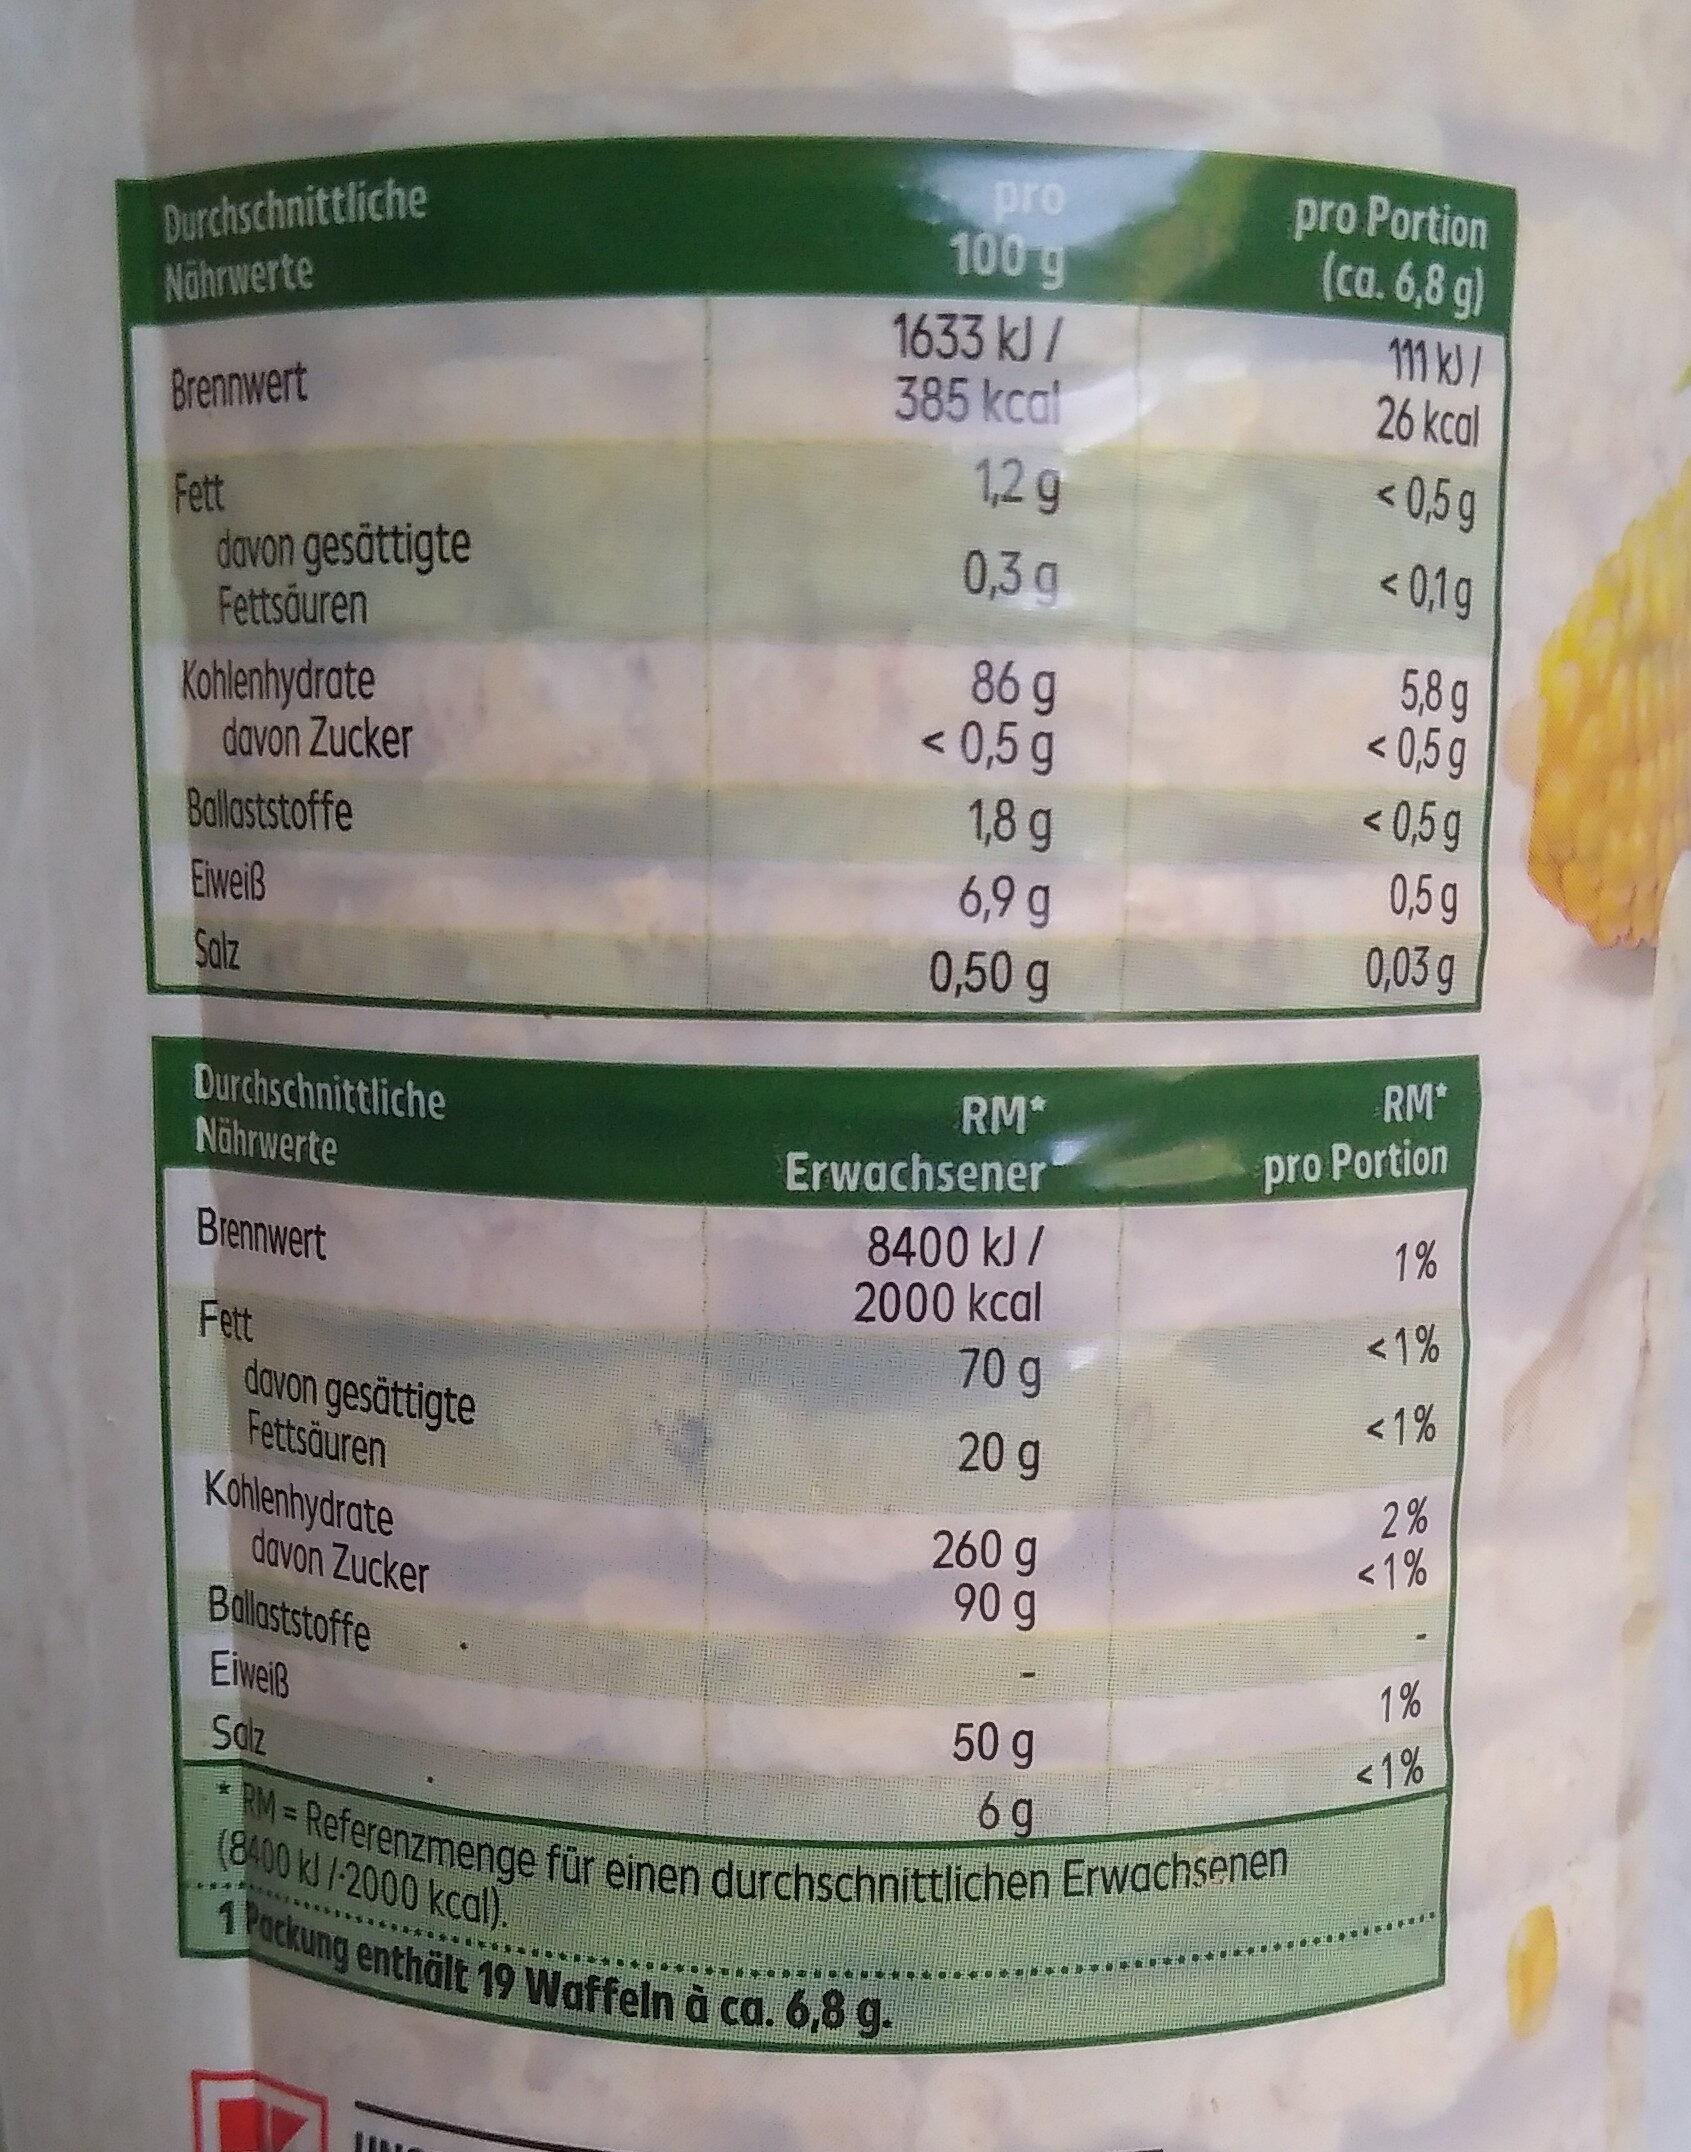 Maiswaffeln mit Meersalz - Nutrition facts - de